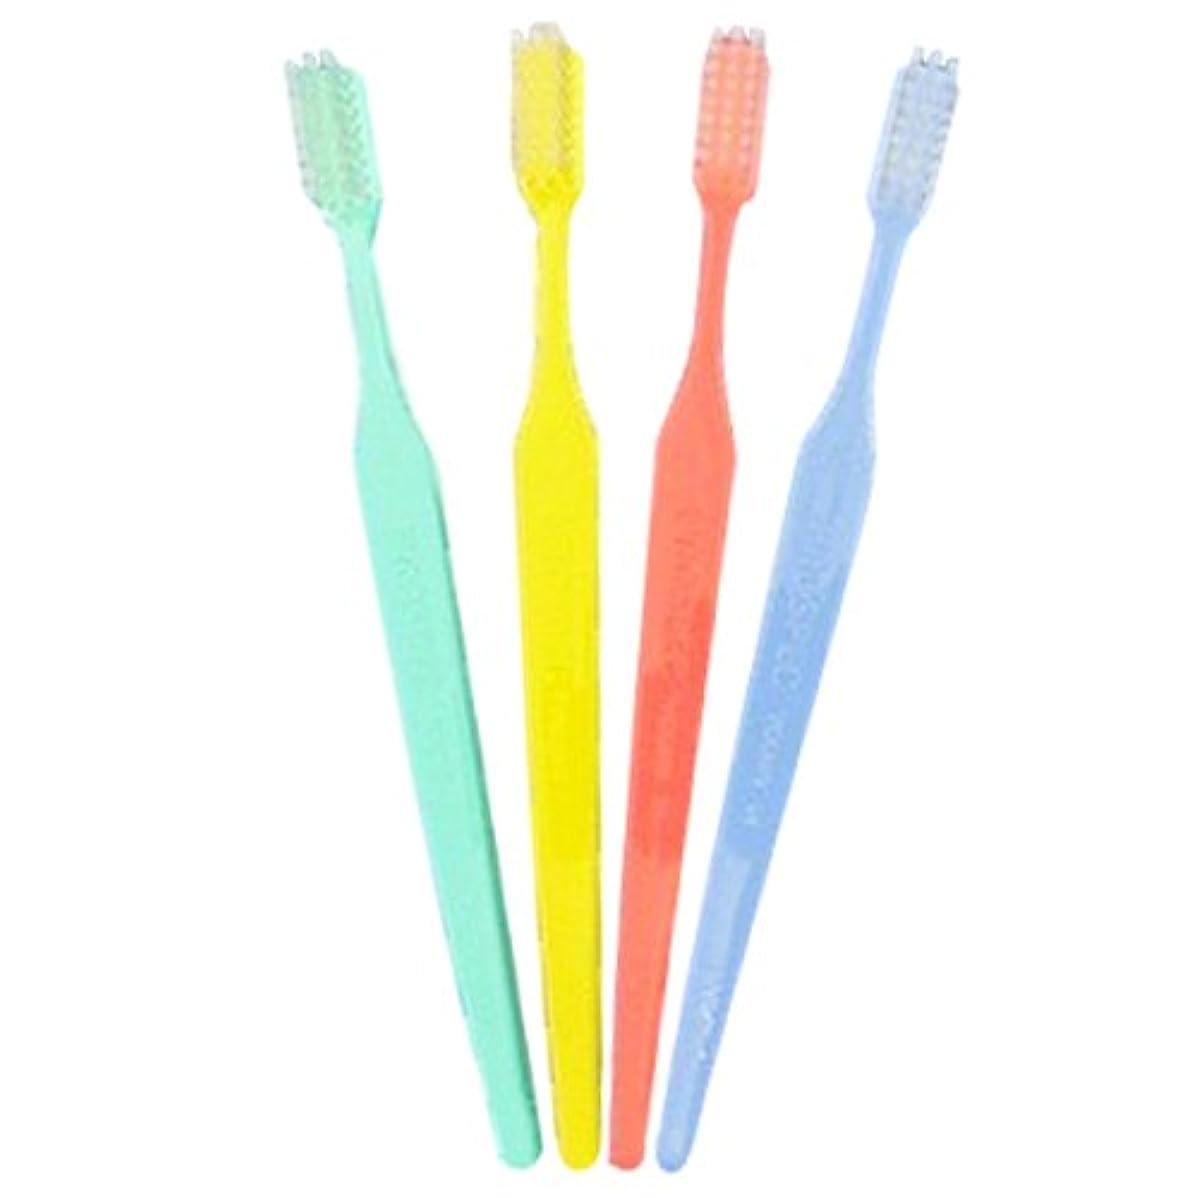 フォーマット信頼性のある起きるジーシー(GC)歯科用プロスペック  ヤング S 20本(ヤングニューパステル4色*5本) やわらかめ